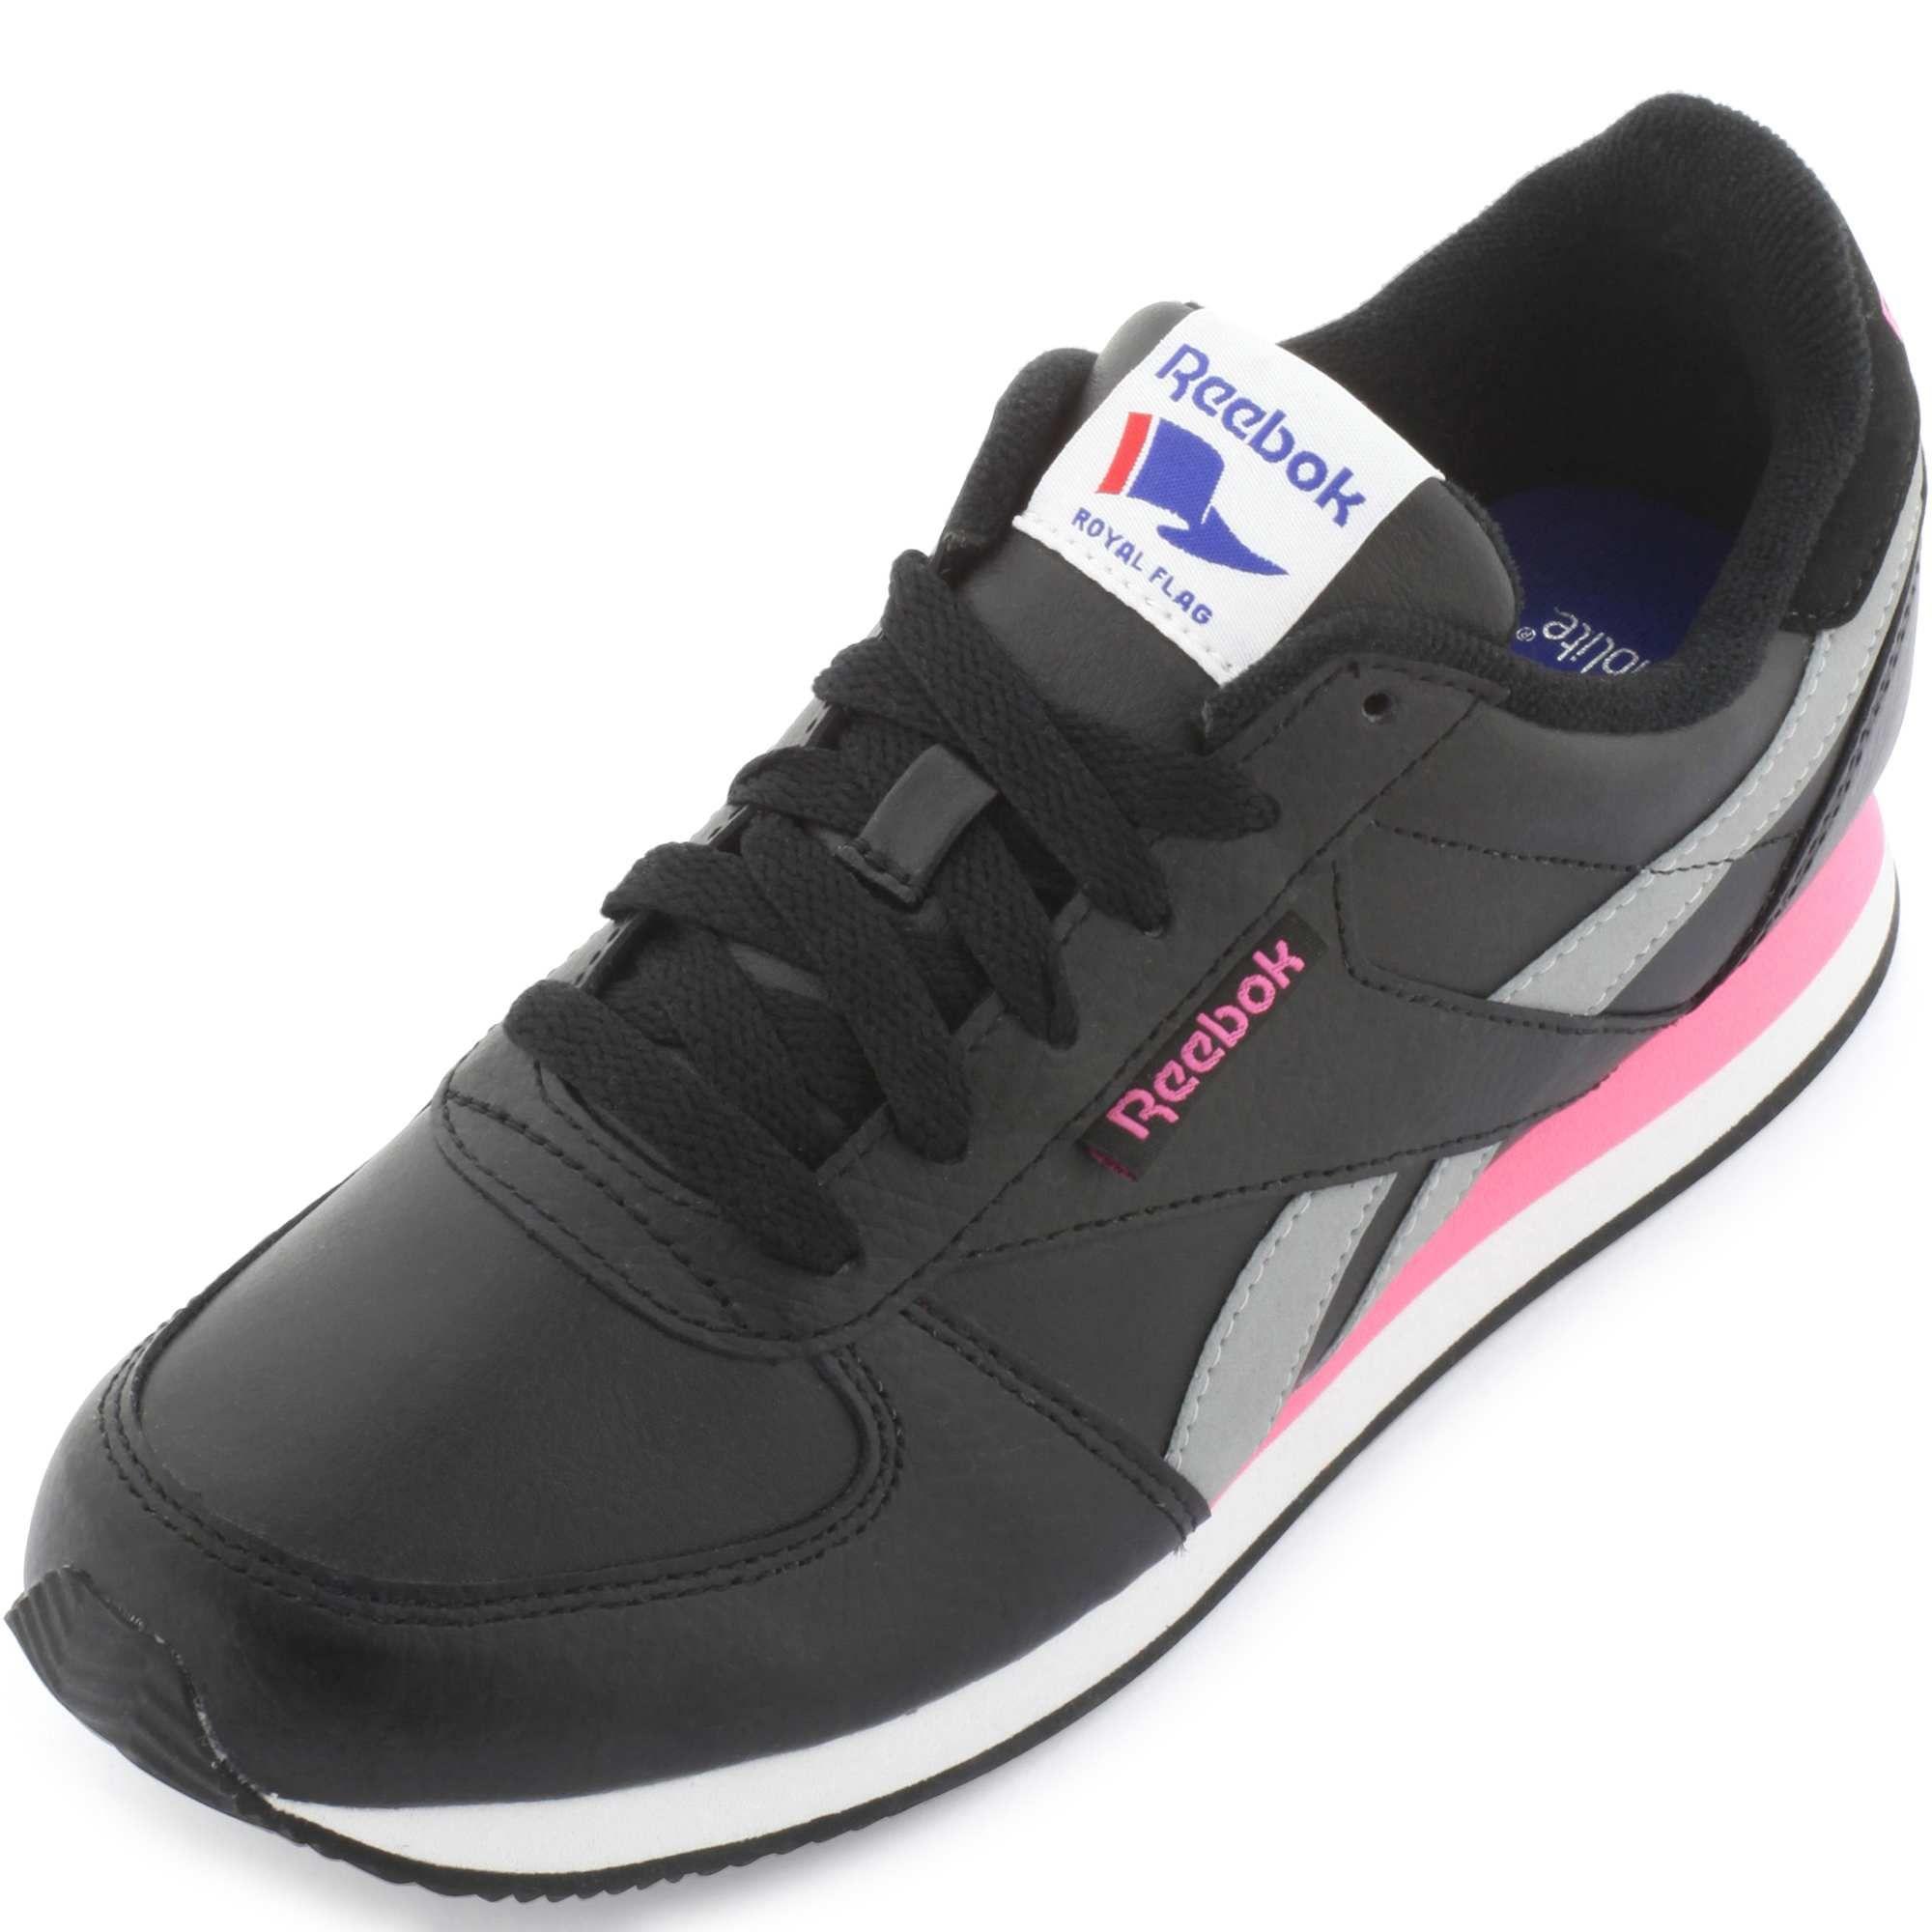 7e6e98b4874 Negro combina con todo Calzado Mujer, Zapatillas Deportivas, Tenis, Calzas,  Deportes,